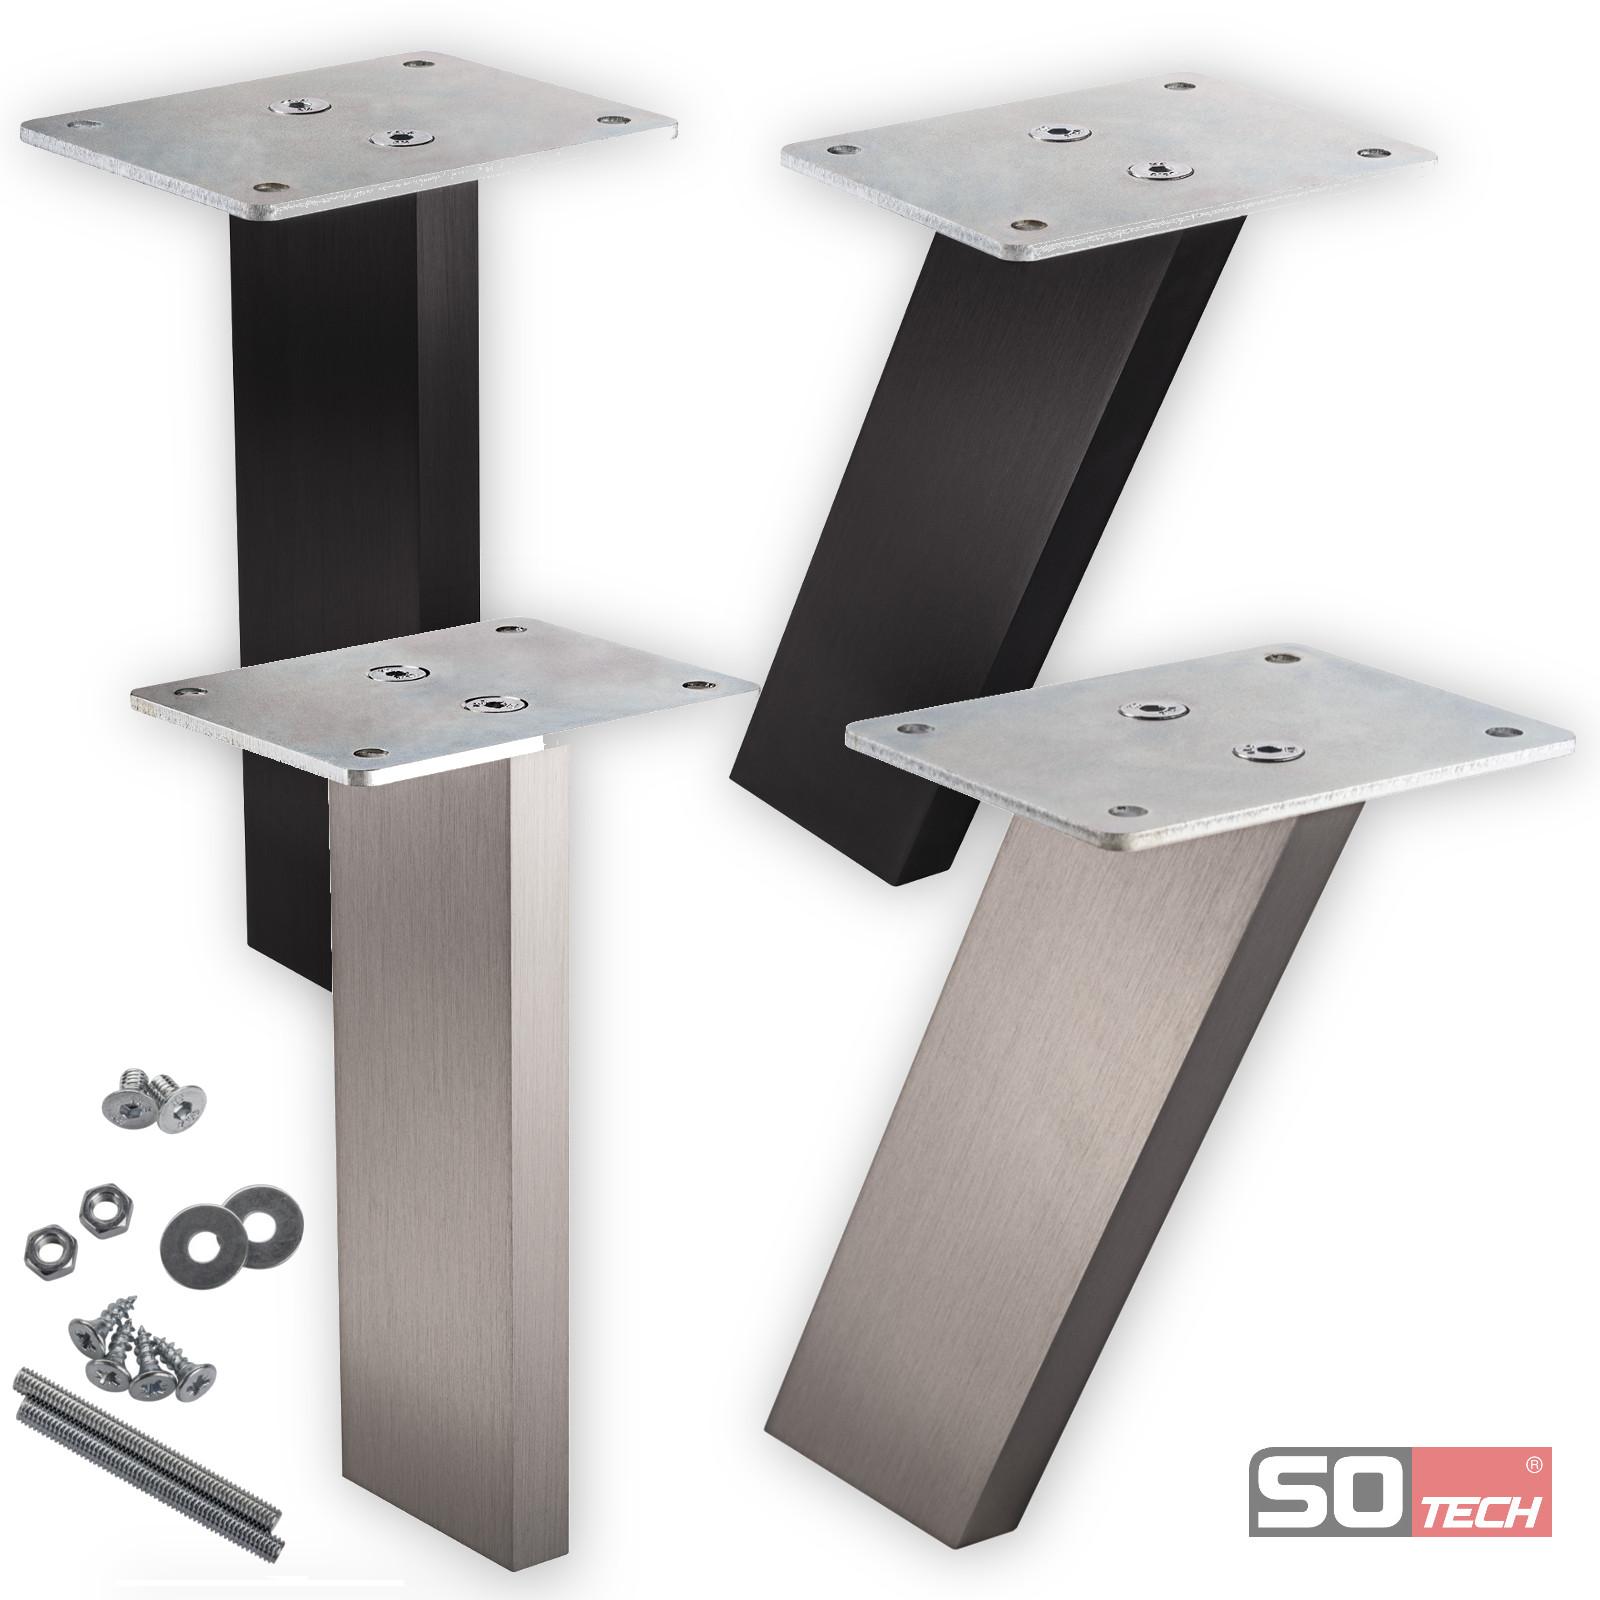 Möbelbeine Ikea so tech sotech schüco barkonsole thekenfuß bar konsole tresenstütze